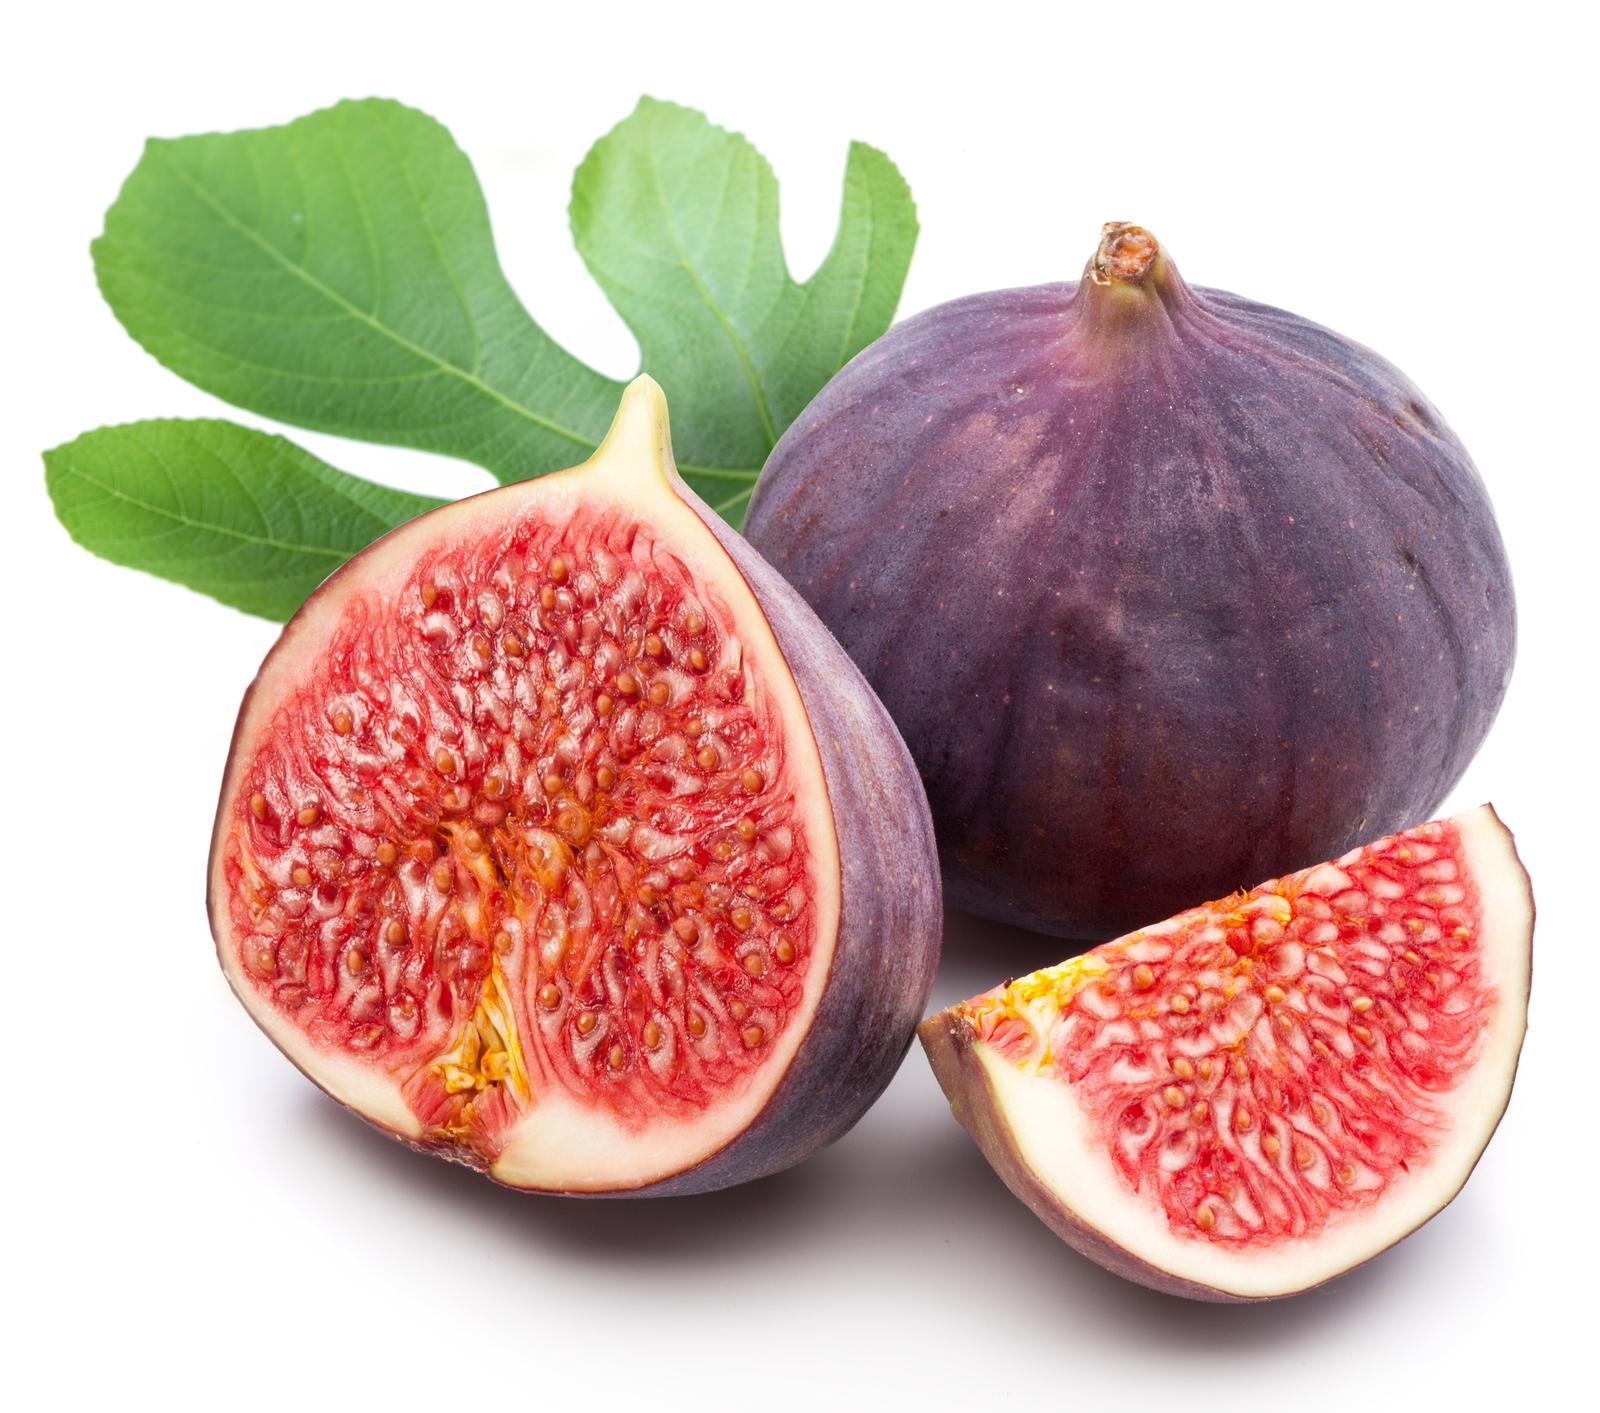 Fresh figs 140g 89p @ Asda